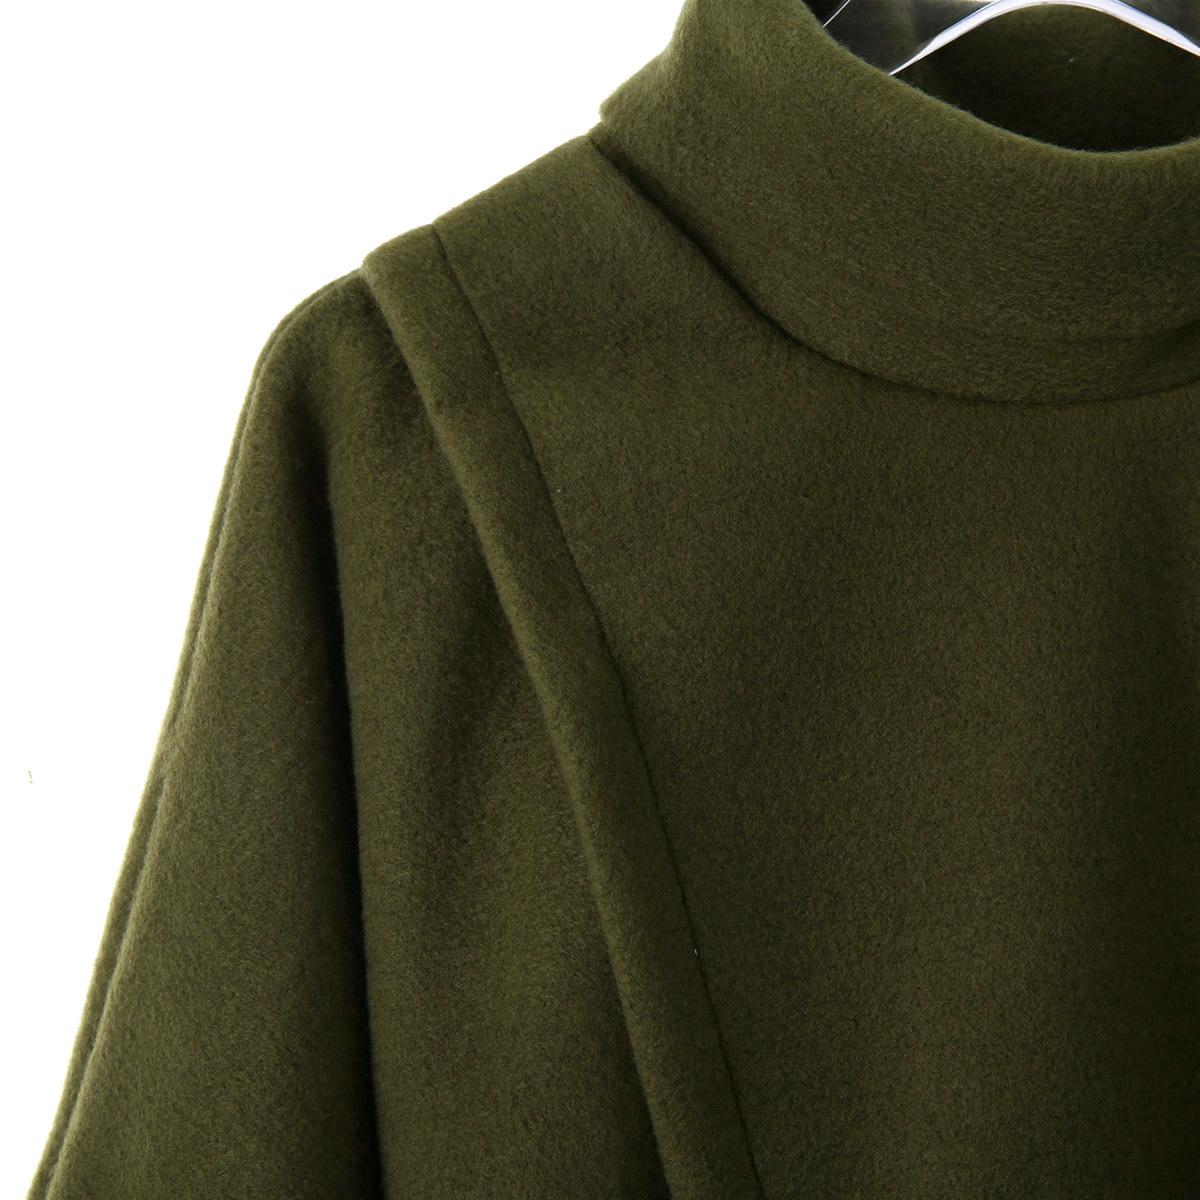 Women Coat Pullovers Batwing Sleeve Top Poncho Knit Cape Coat Knitwear Outwear Jacket Winter Warm Women Clothes